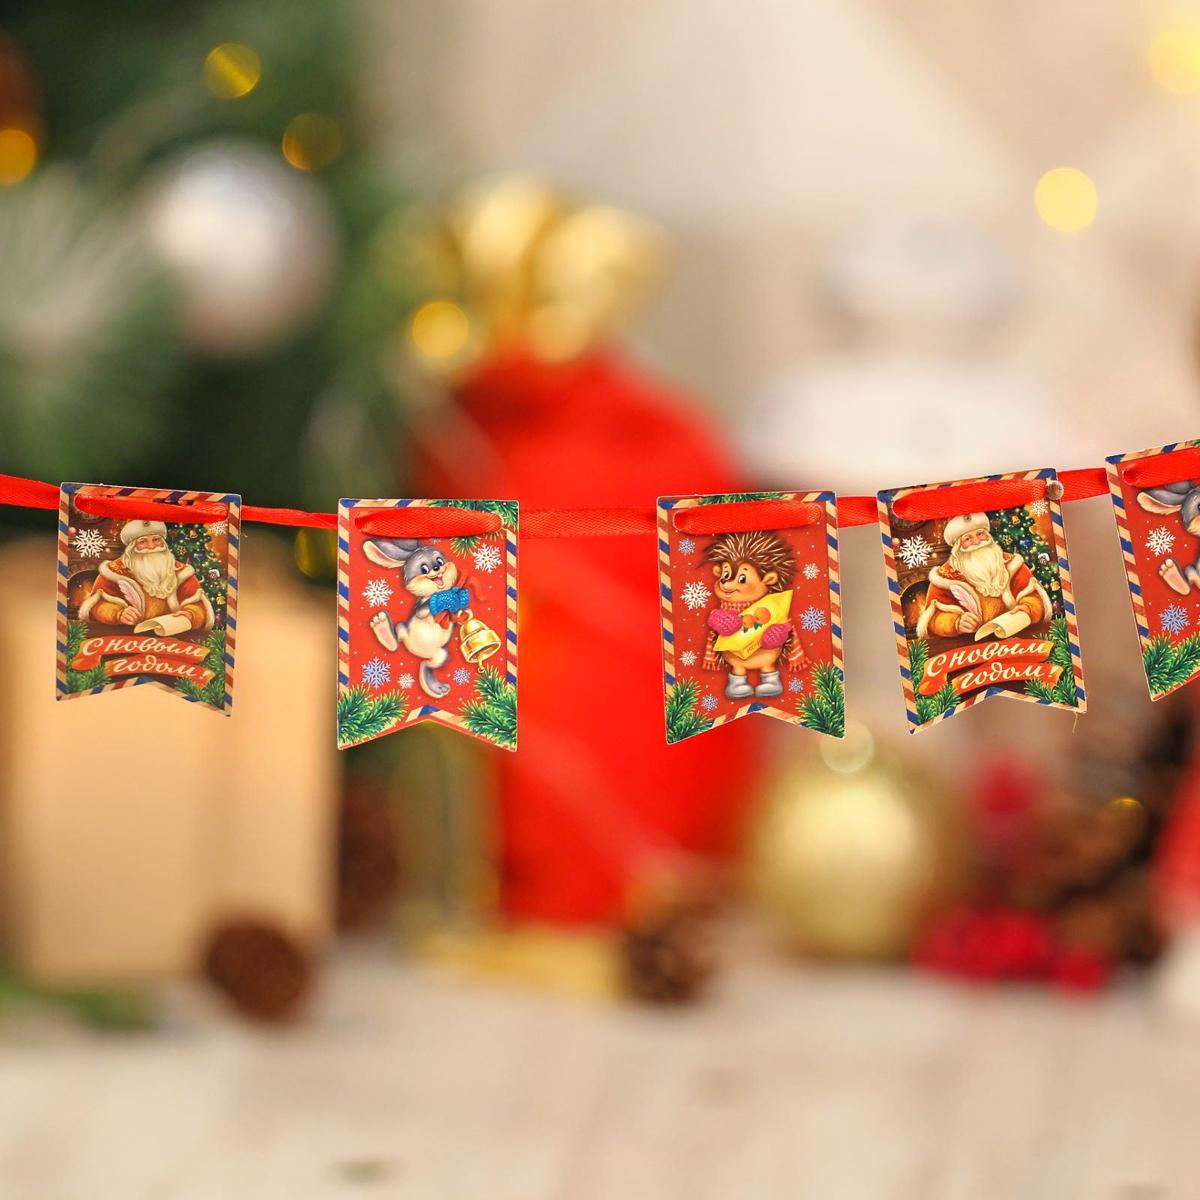 Гирлянда Зайчик с колокольчиком, 5 х 3,5 см, длина 2 м2268895Оформление — важная часть любого торжества, особенно Нового года. Яркие украшения для интерьера создадут особую атмосферу в вашем доме и подарят радость. Гирлянда придется по душе каждому. Подвесьте ее в комнате, и праздничное настроение не заставит себя ждать.